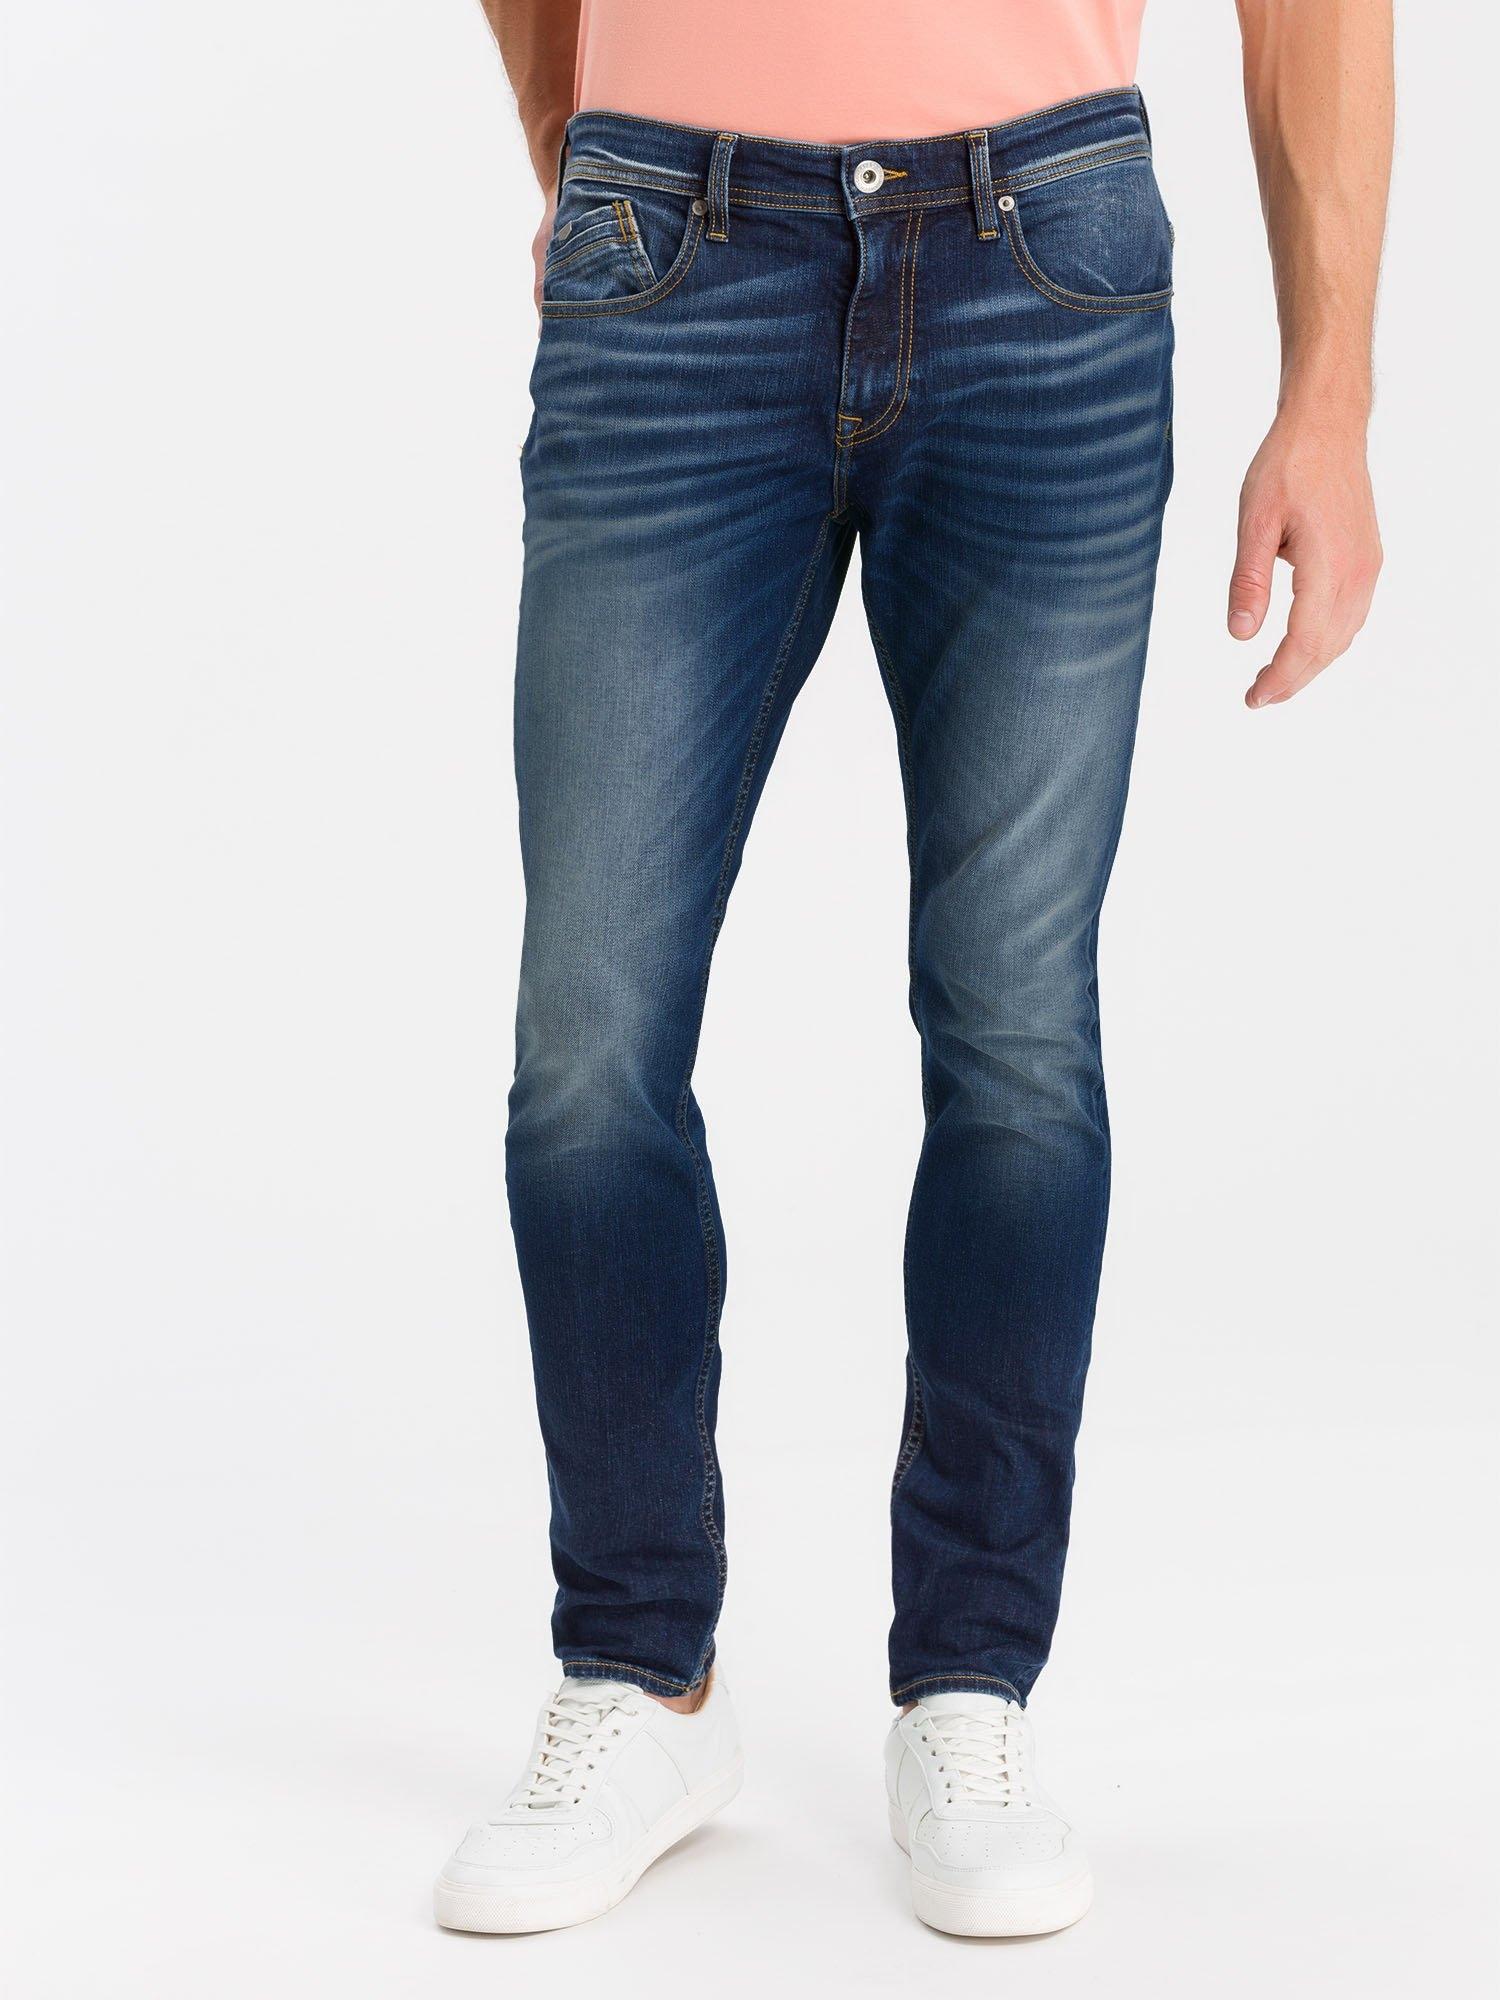 CROSS Jeans ® slim fit jeans »Jimi« goedkoop op otto.nl kopen